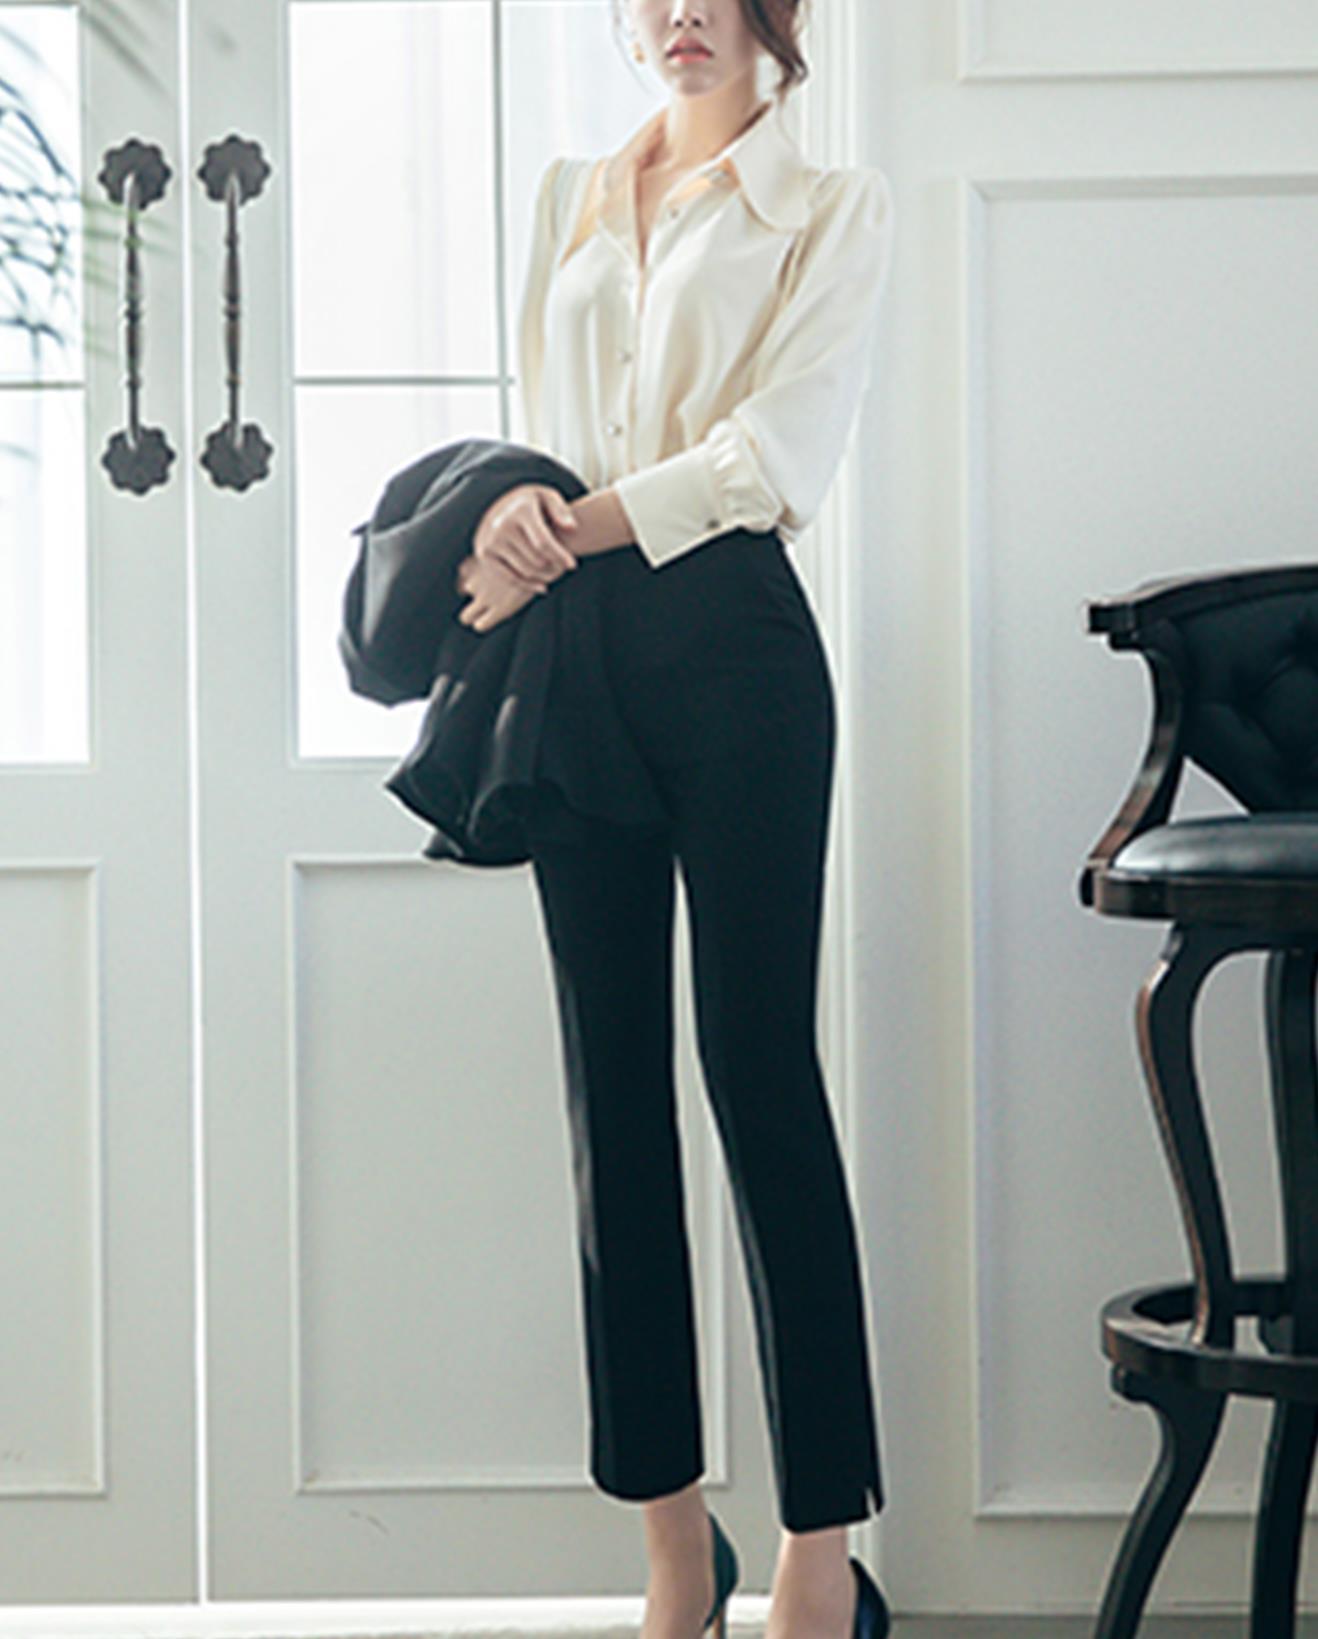 苗条女孩,穿上修身的长裤,给人一米八的视觉效果